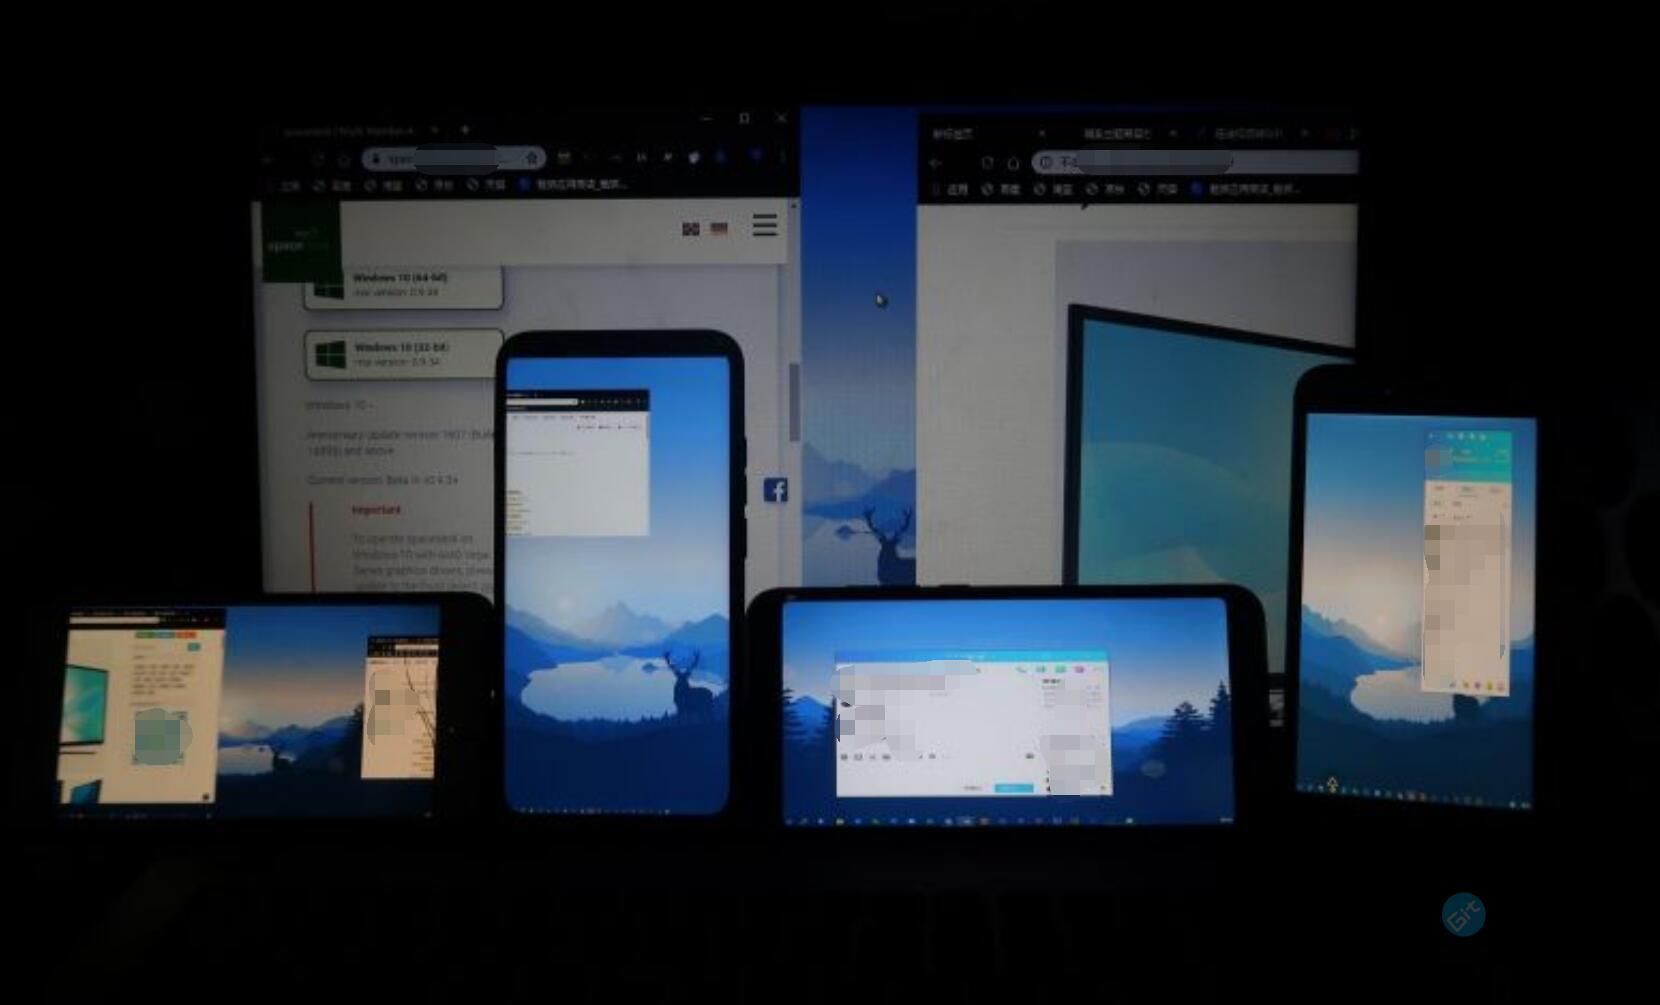 使用WIFI或网线将其他Windows、Android、IOS设备变成电脑的显示器作为第二显示屏